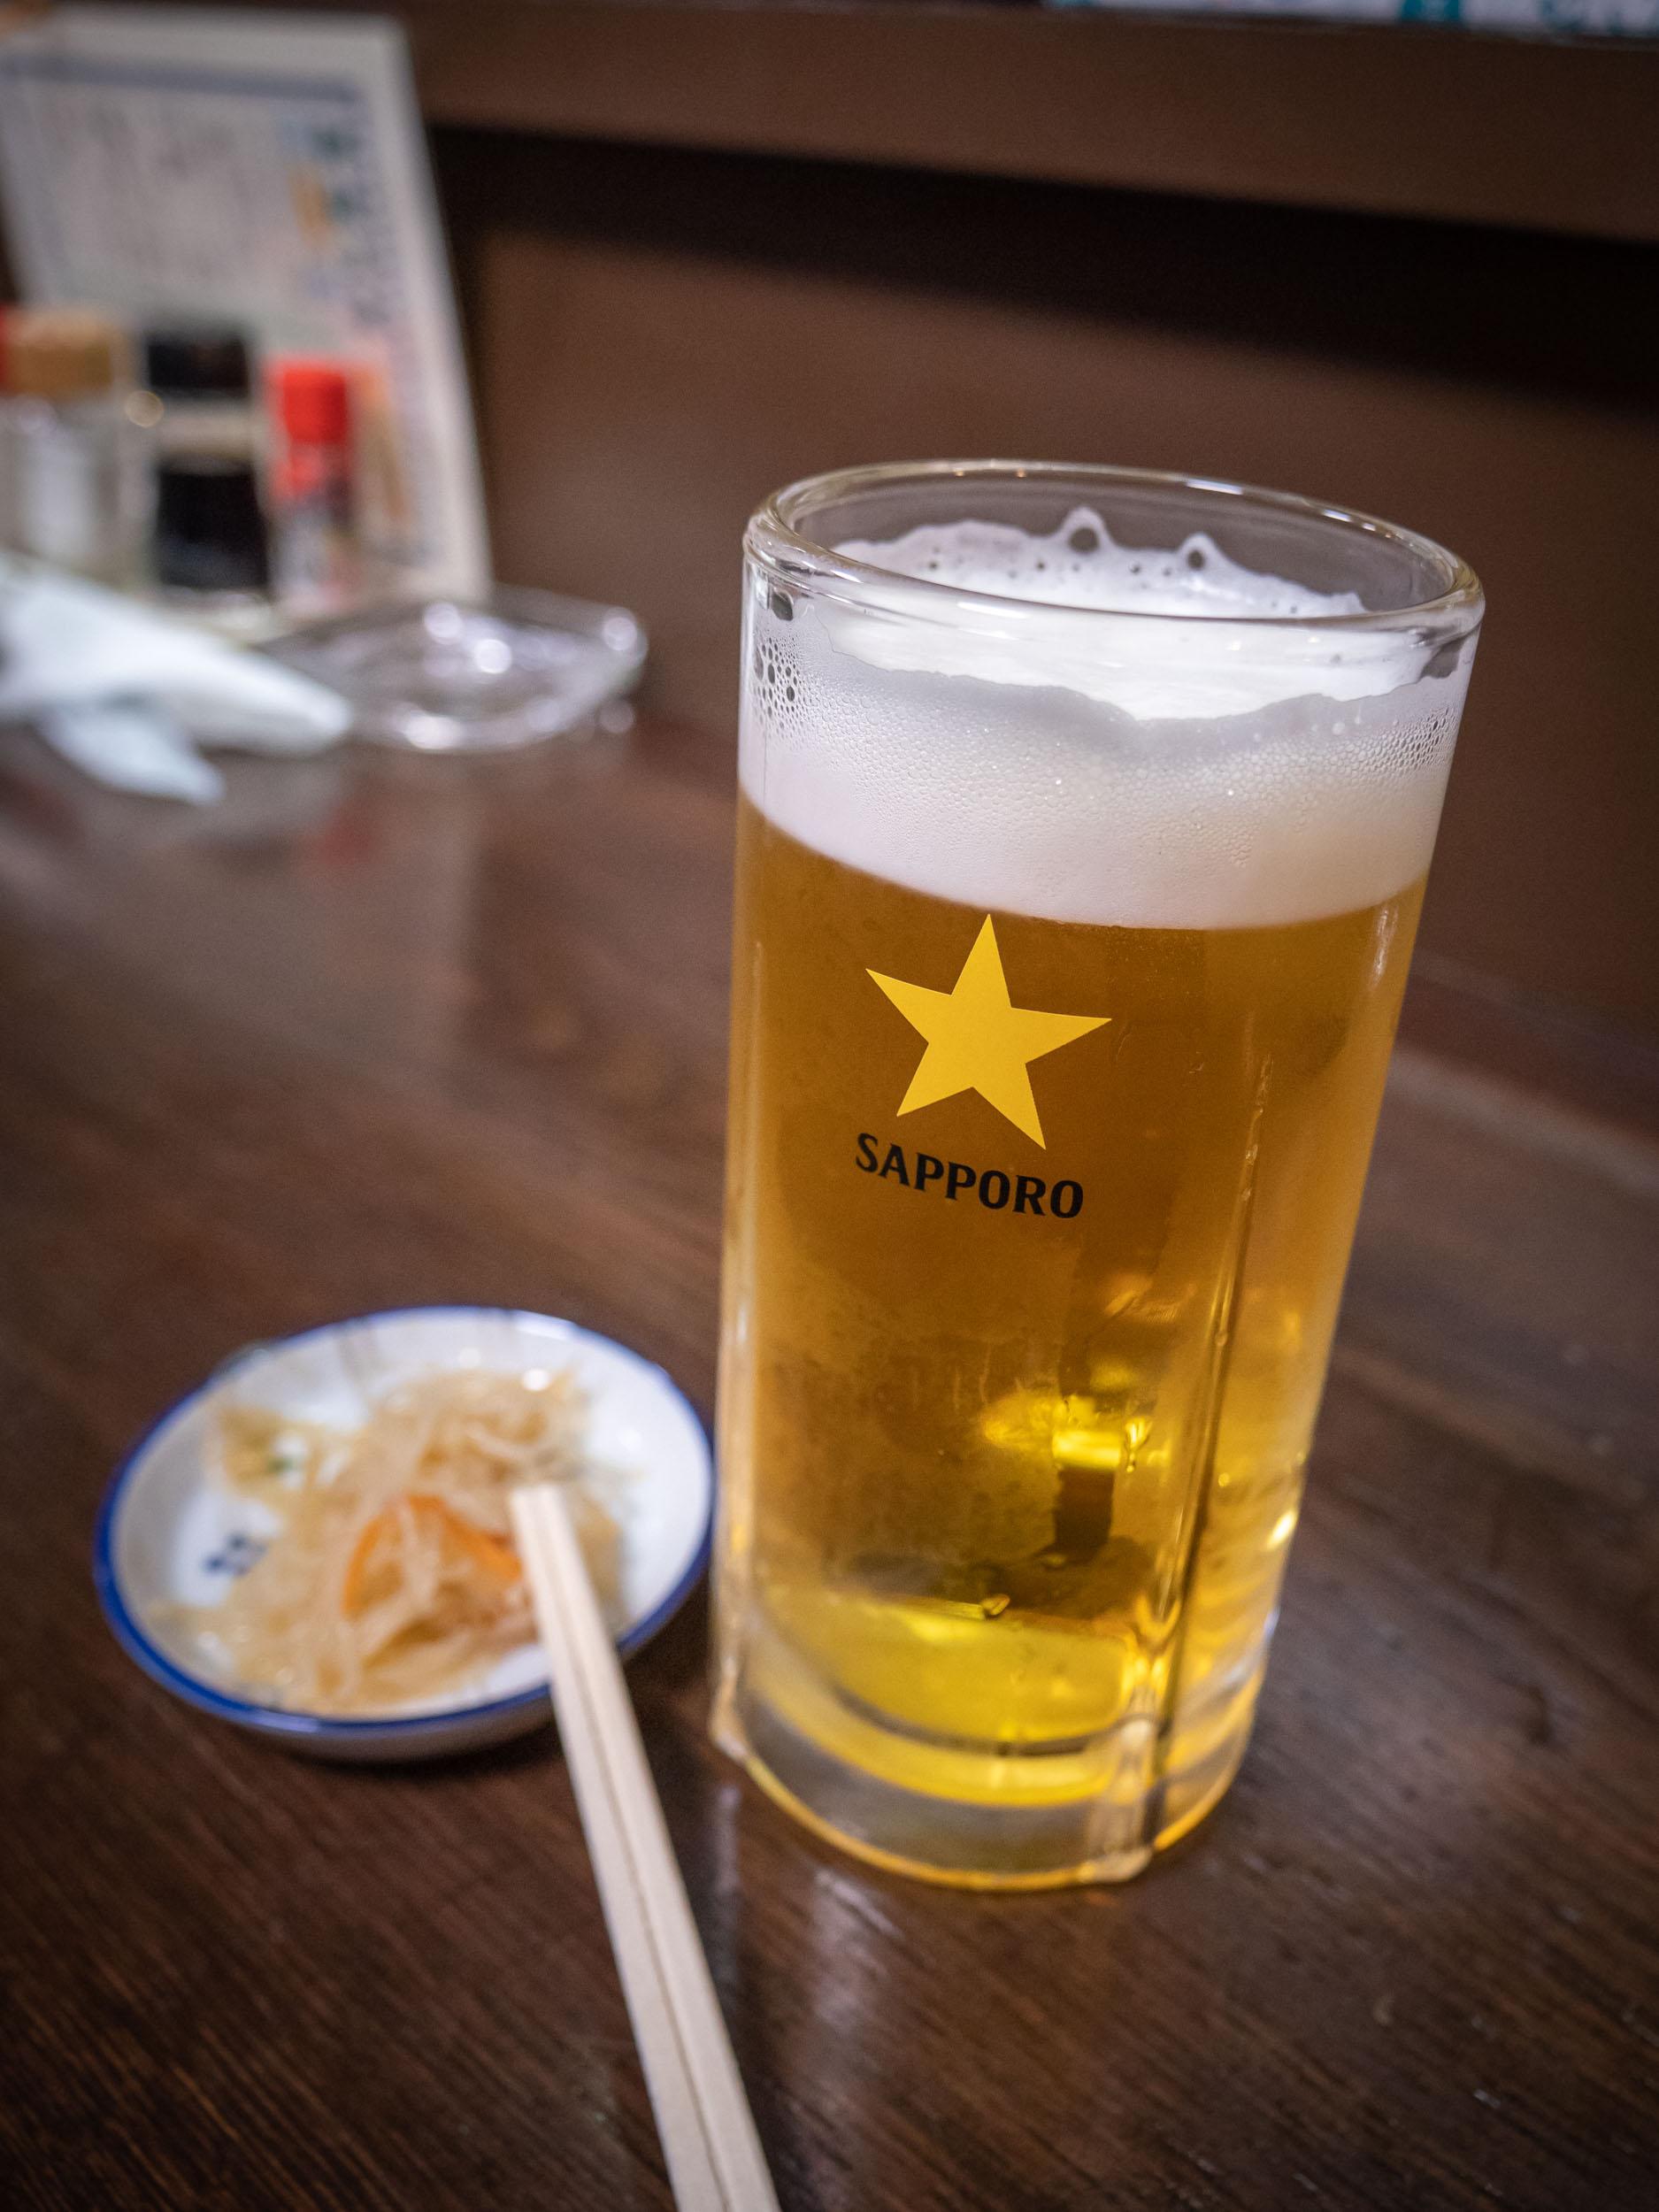 札幌市中央区南5条西3丁目地下「やき鳥 金富士」の生ビール470円 DMC-GX8 + LEICA DG 12-60mm